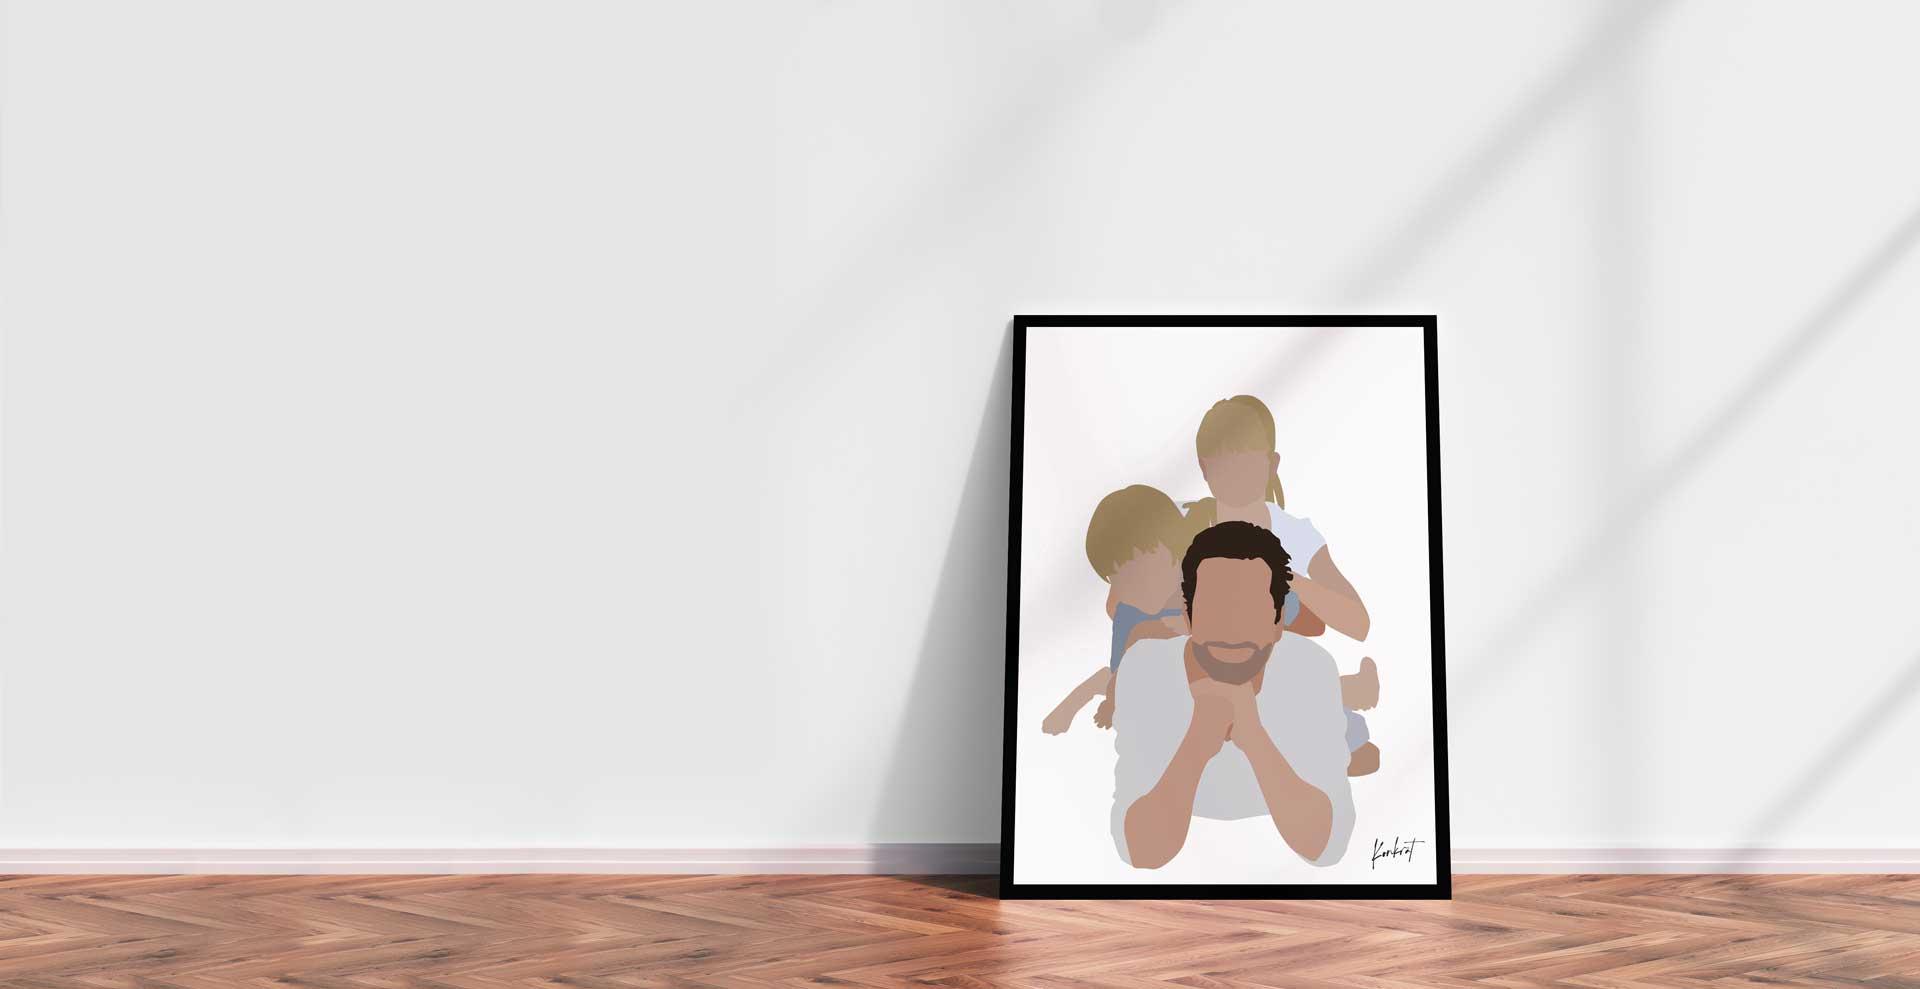 Plakat i ramme - far med børn - mock up